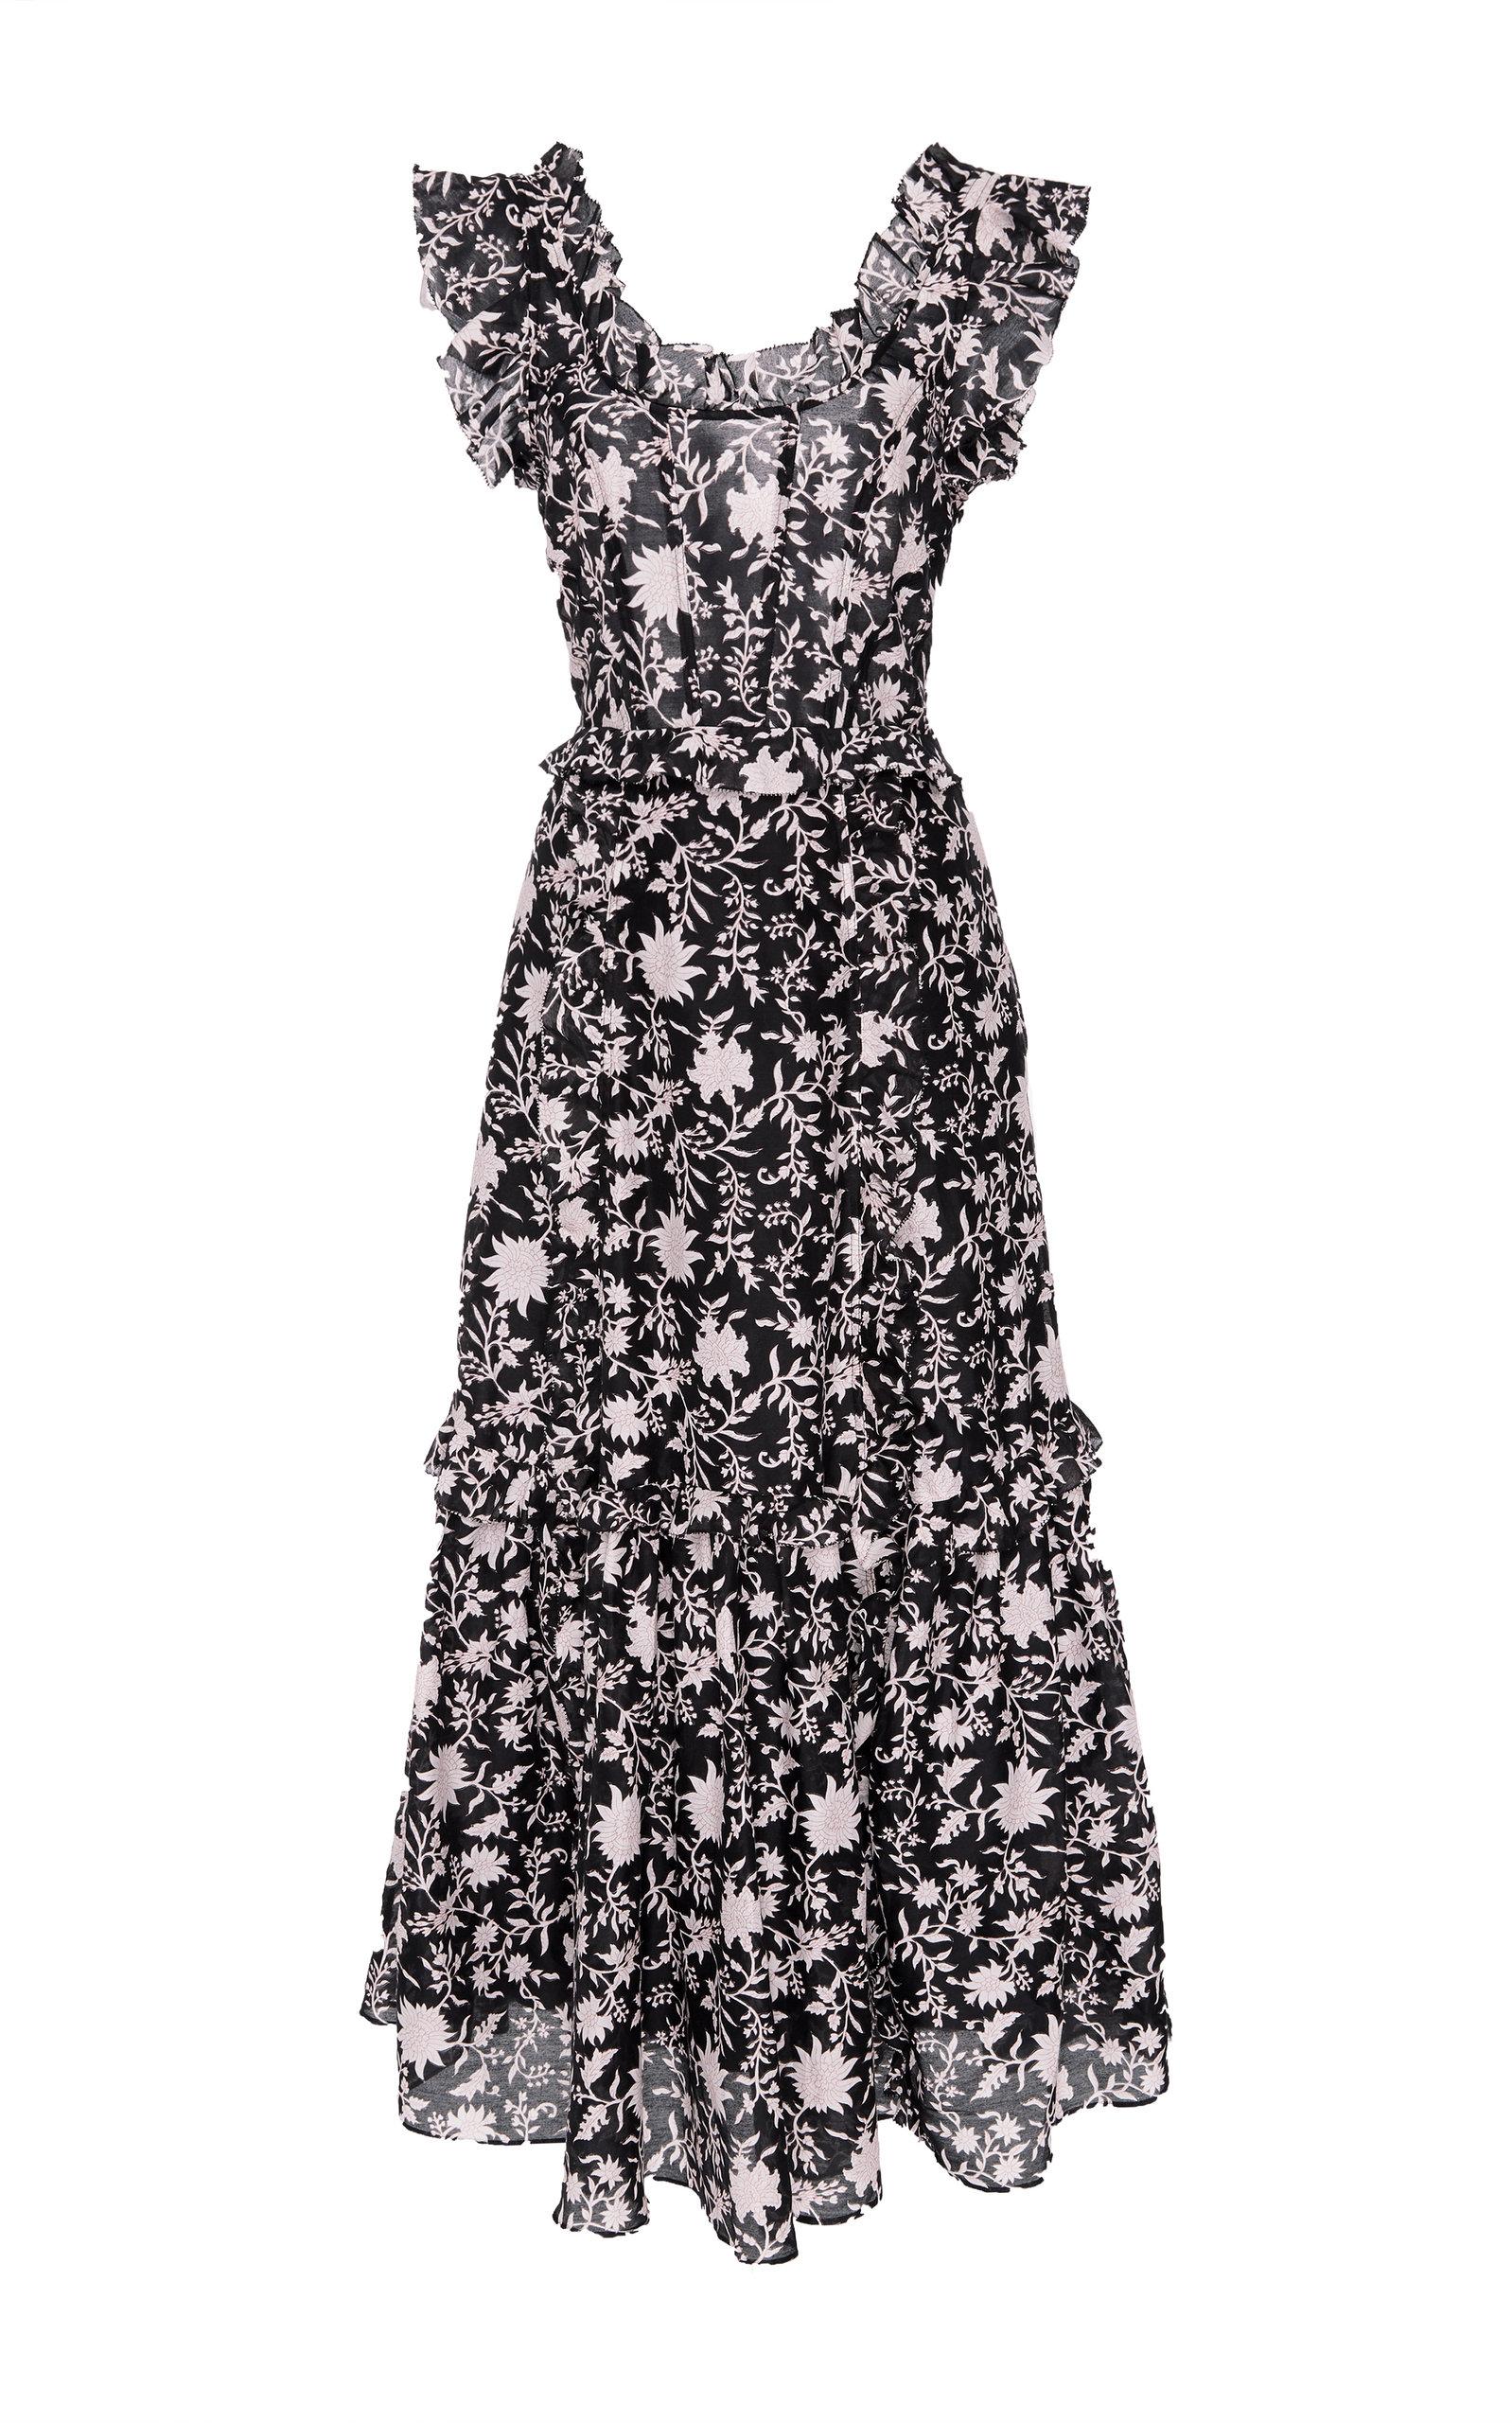 BRIGITTE FLORAL ORGANZA DRESS